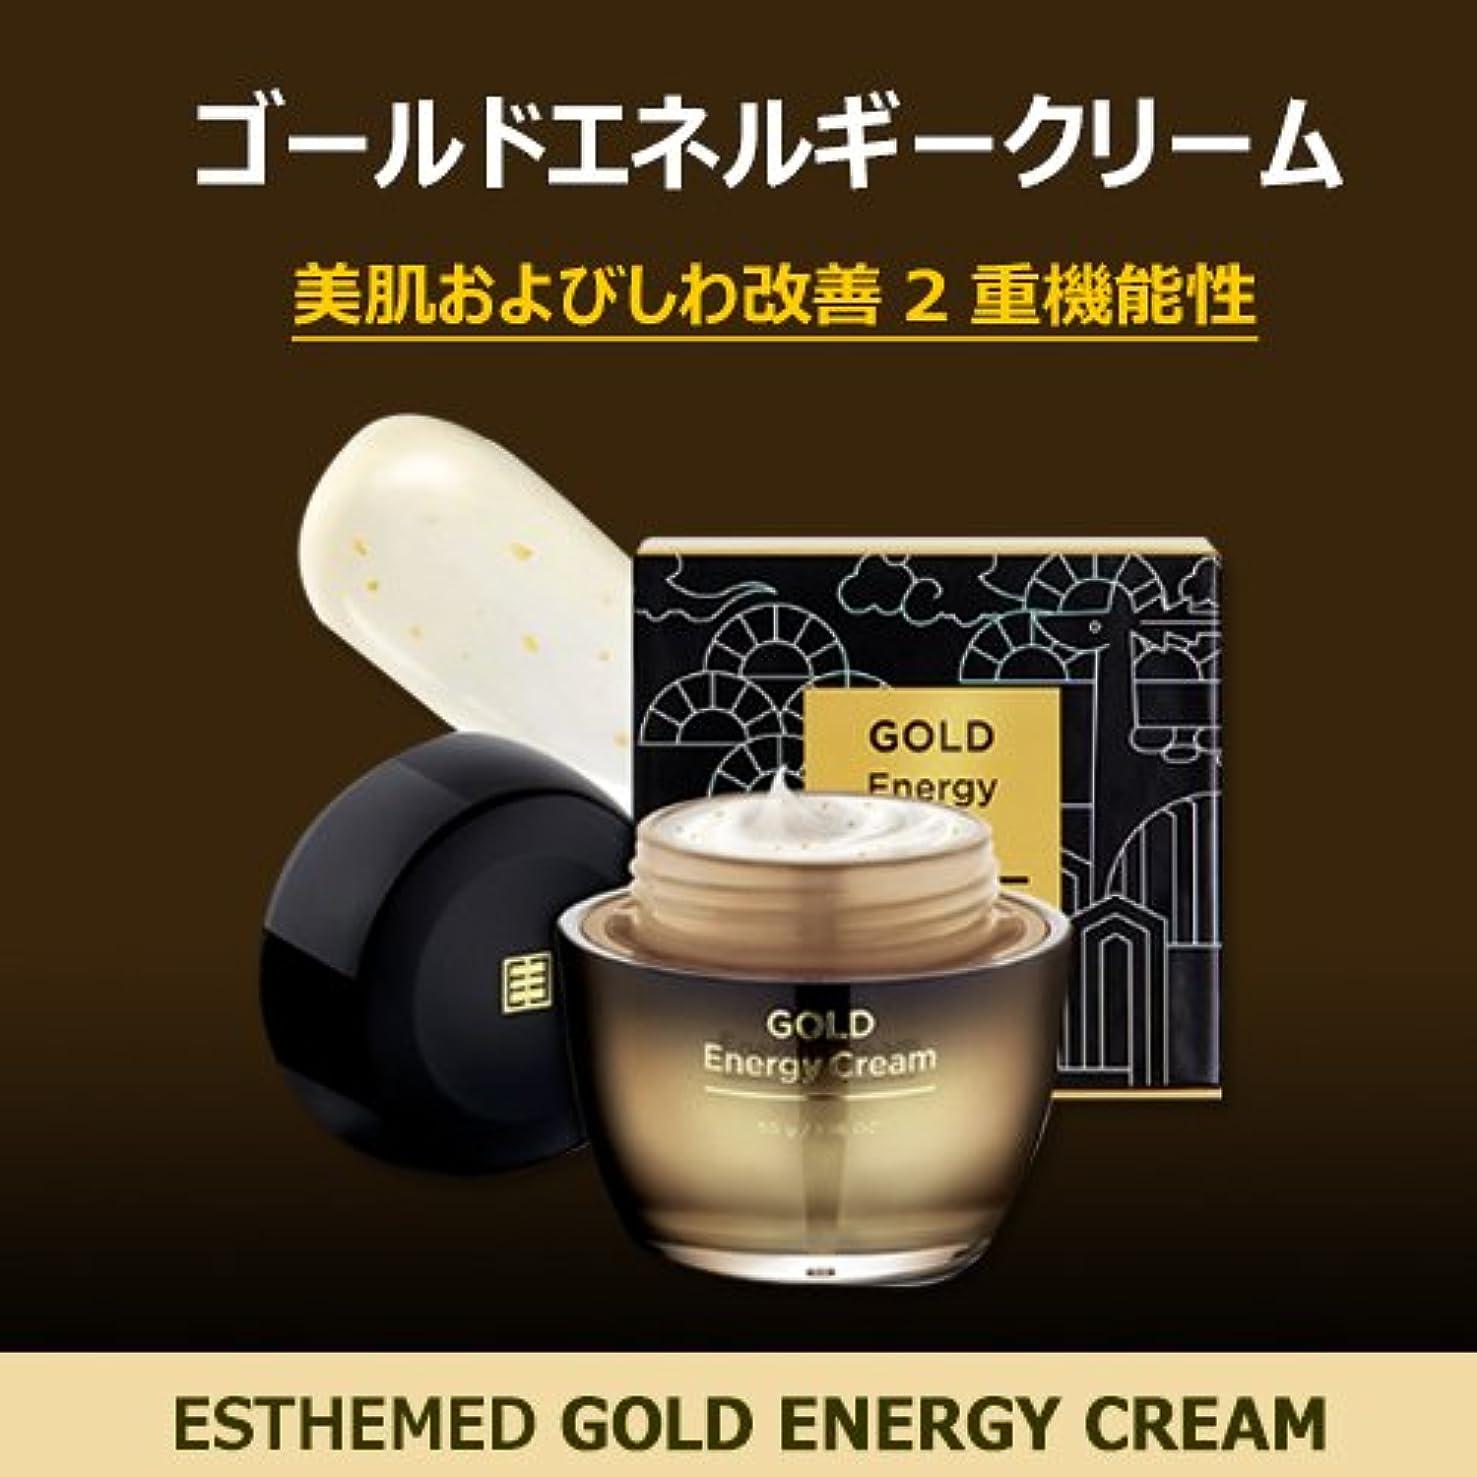 枝タフ考えるESTHEMED 【NEW!! エステメドゴールドエネルギークリーム】ESTHEMED GOLD Energy Cream 50g